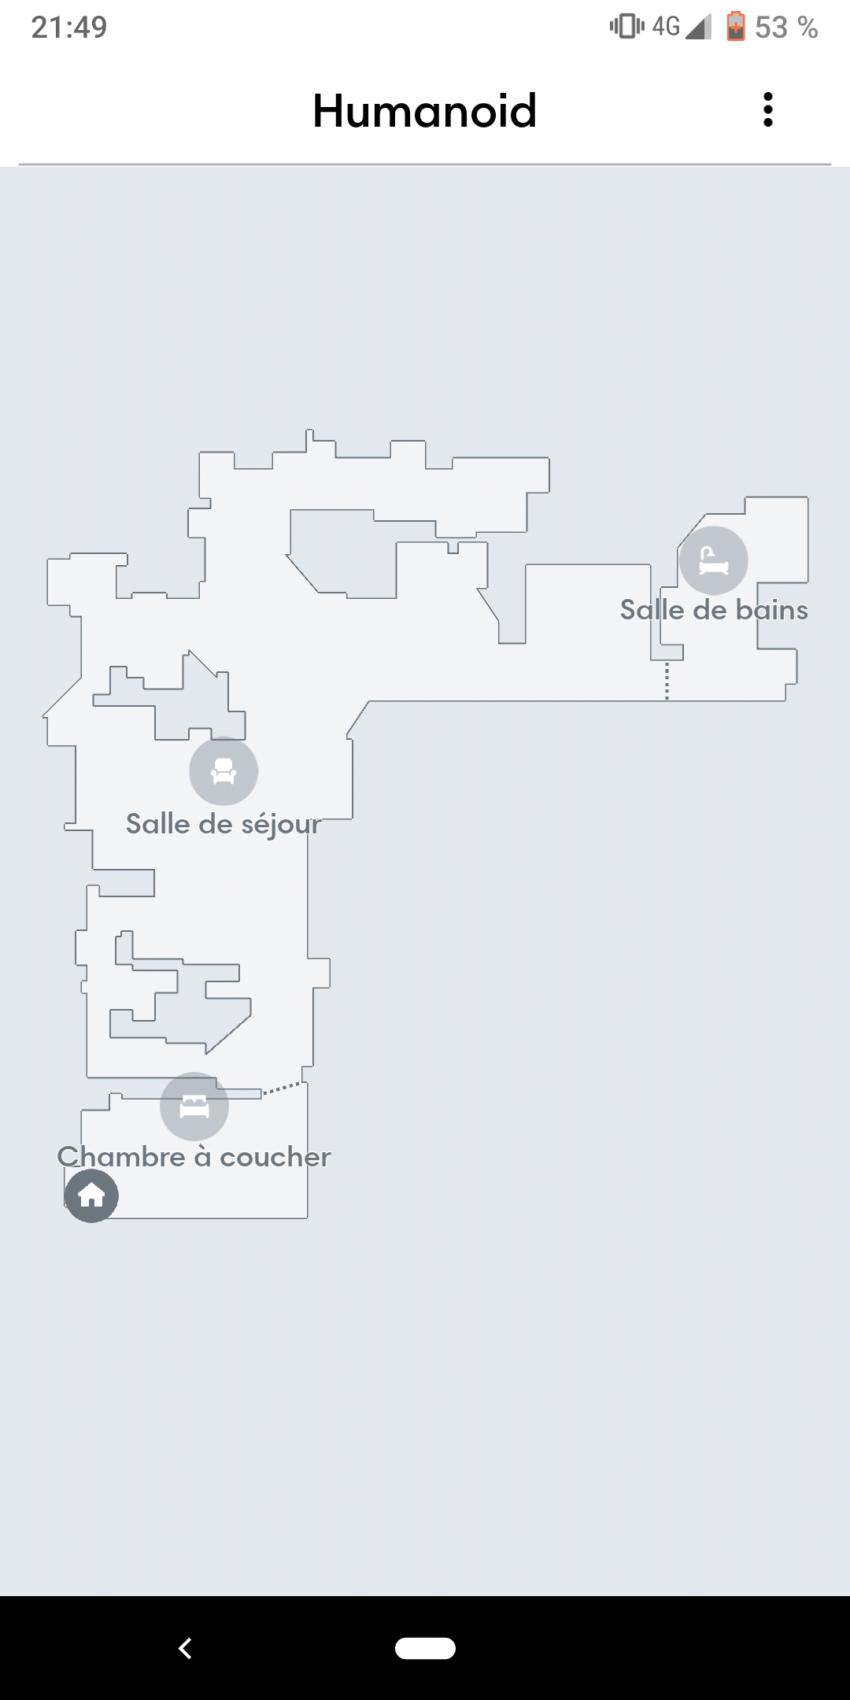 Robot Piscine Plan De Campagne irobot roomba i7+